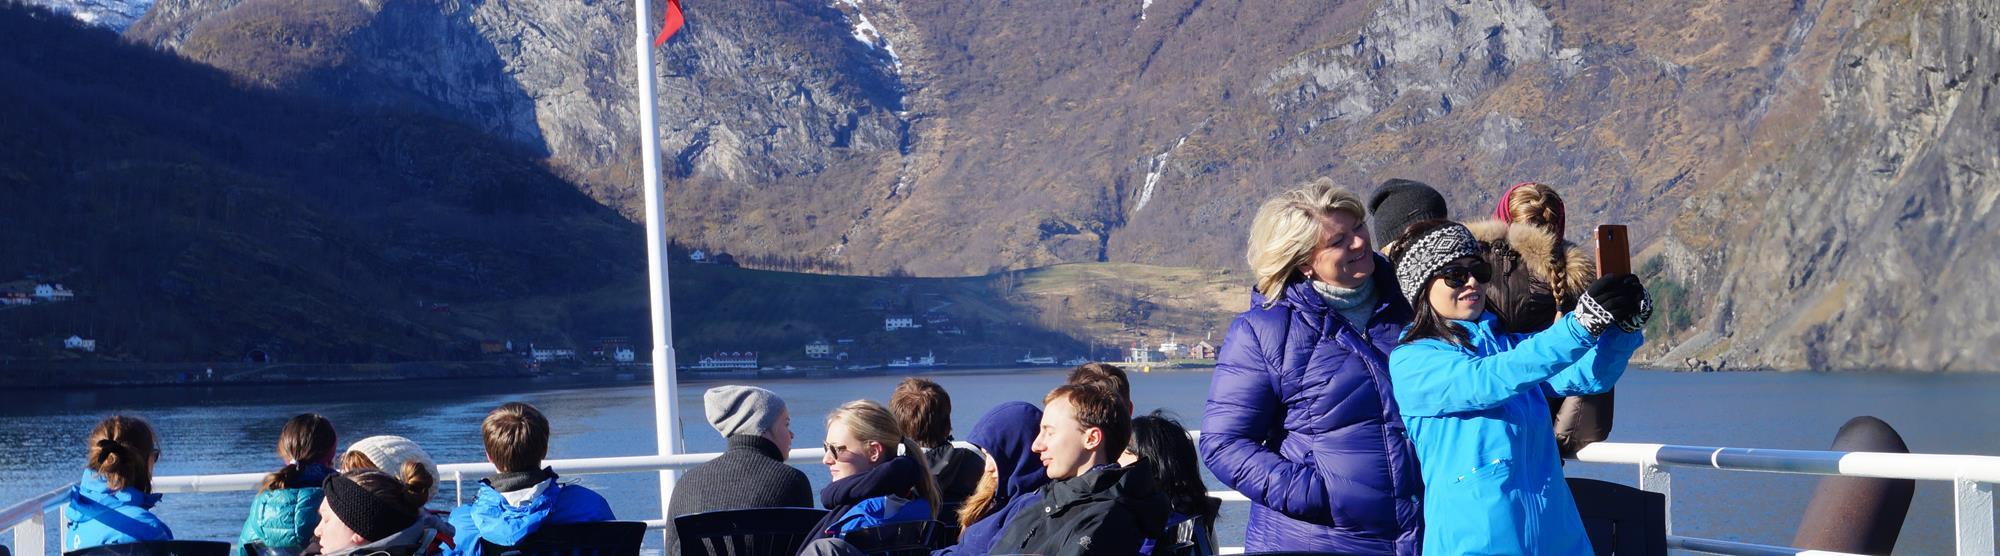 Norwegian fjords weather